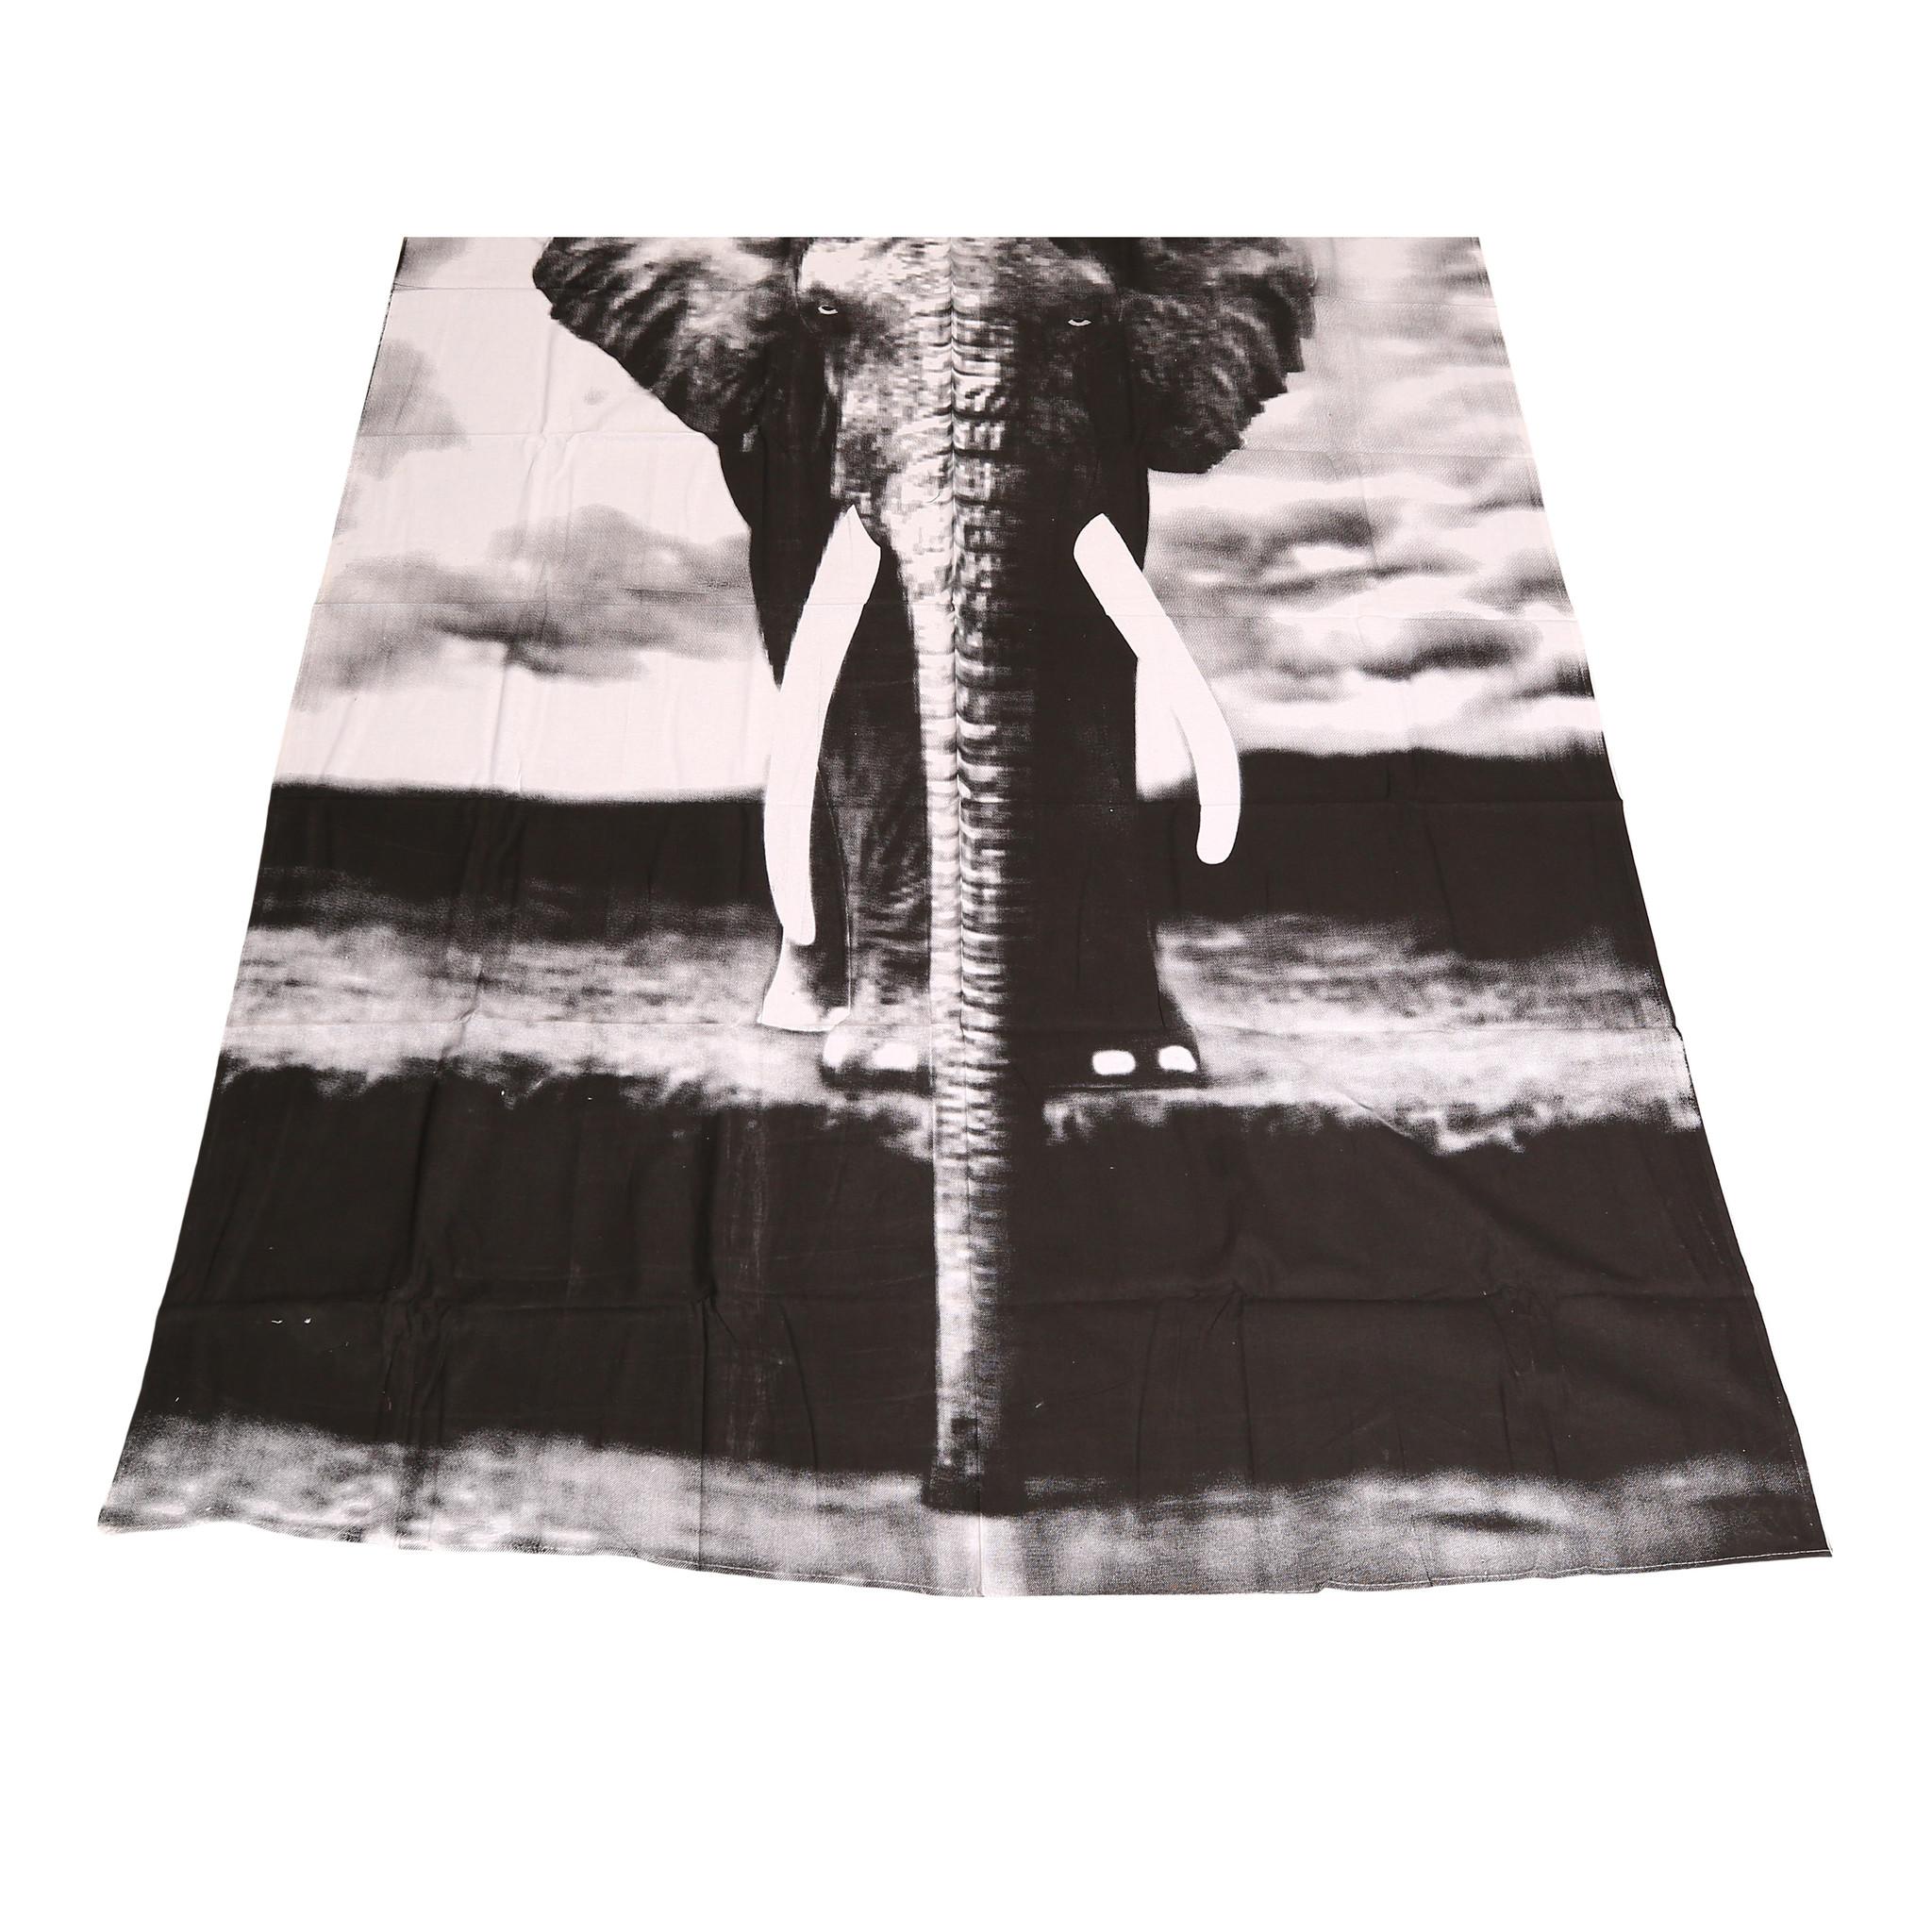 Myroundie Myroundie – roundie  - rechthoekig strandlaken – strandkleed - yoga kleed - picknickkleed - speelkleed - muurkleed - 100% katoen  - 140 x 210 cm - 832